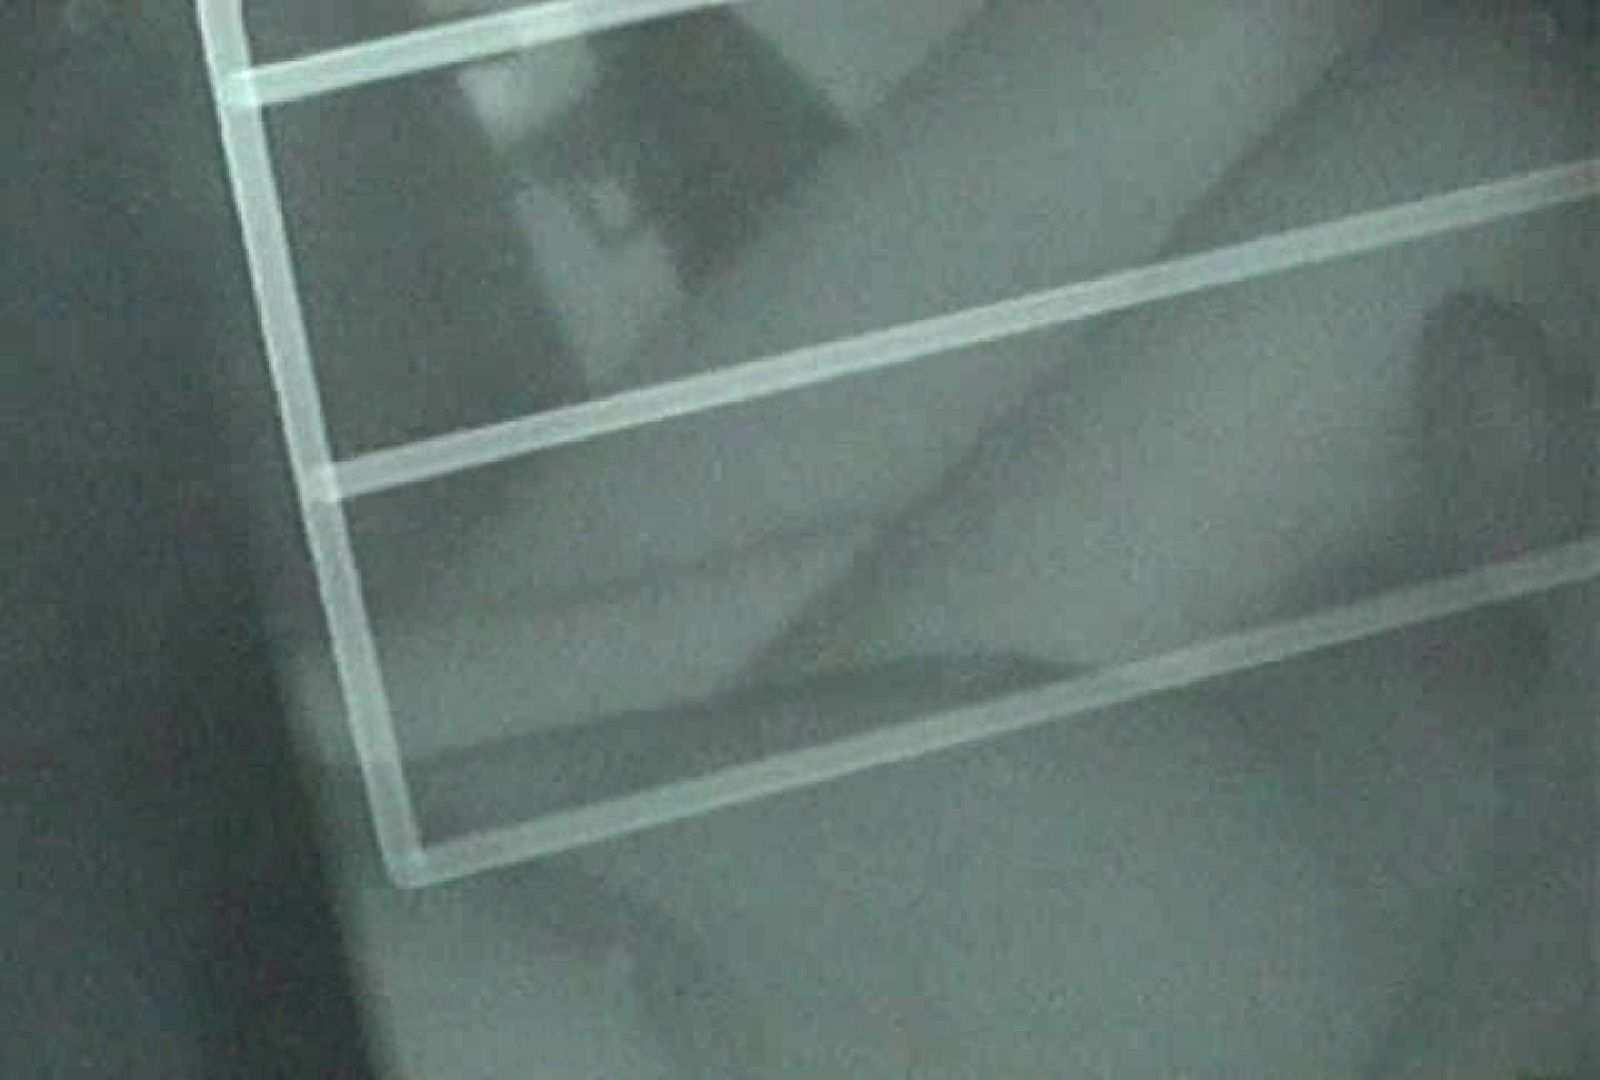 充血監督の深夜の運動会Vol.47 エロティックなOL アダルト動画キャプチャ 66画像 38